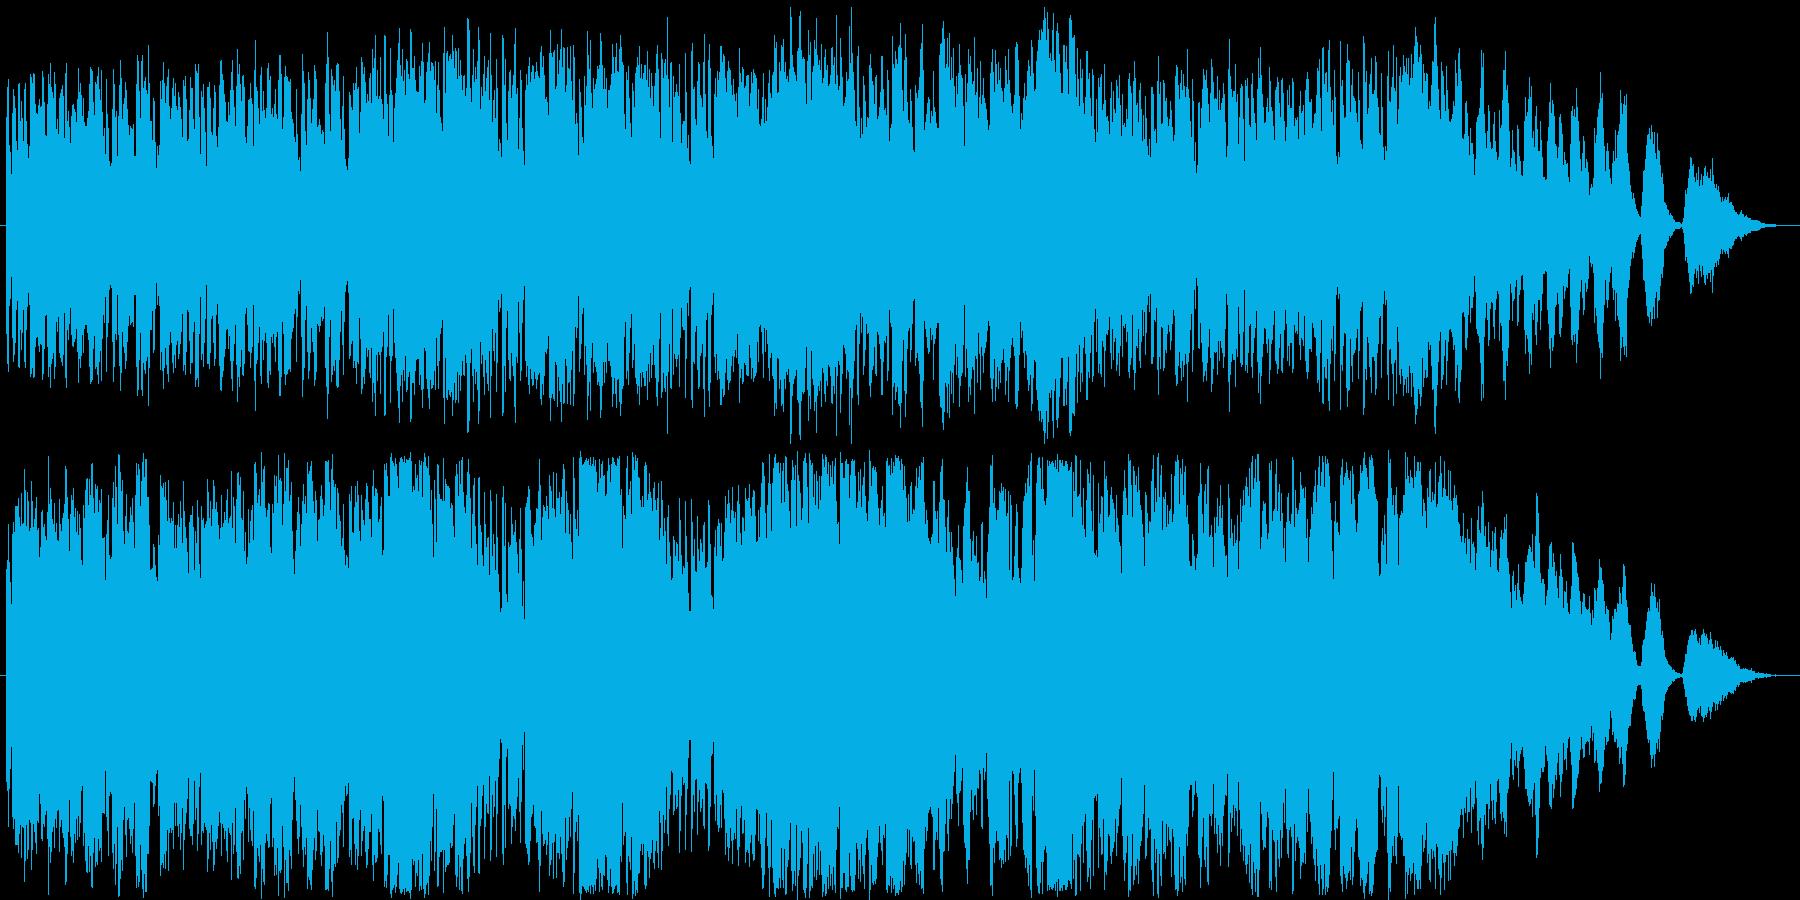 メルヘンな雰囲気のイージーリスニングの再生済みの波形